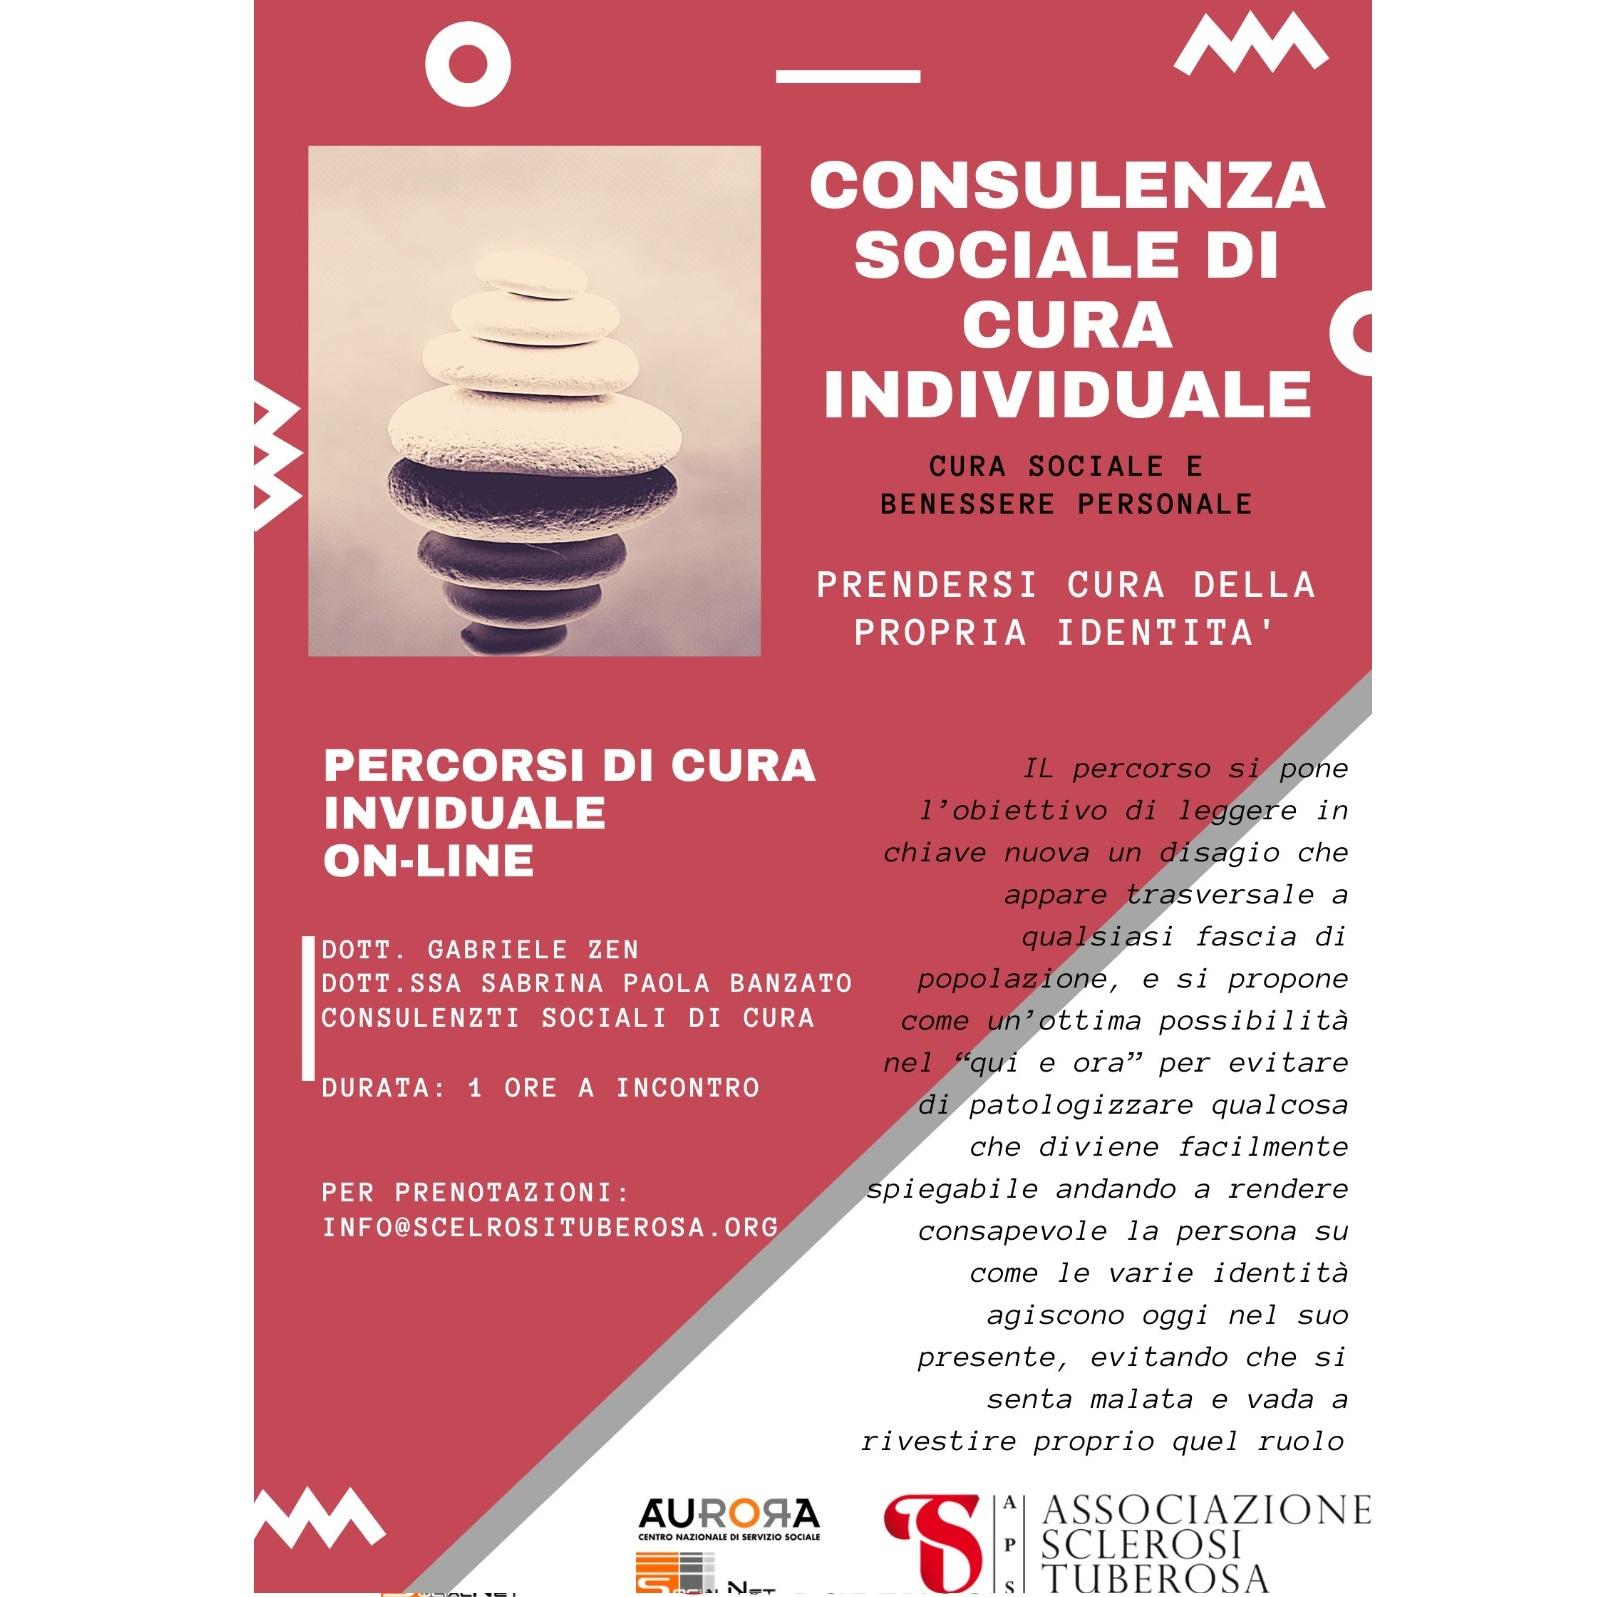 Consulenza sociale di cura individuale 1